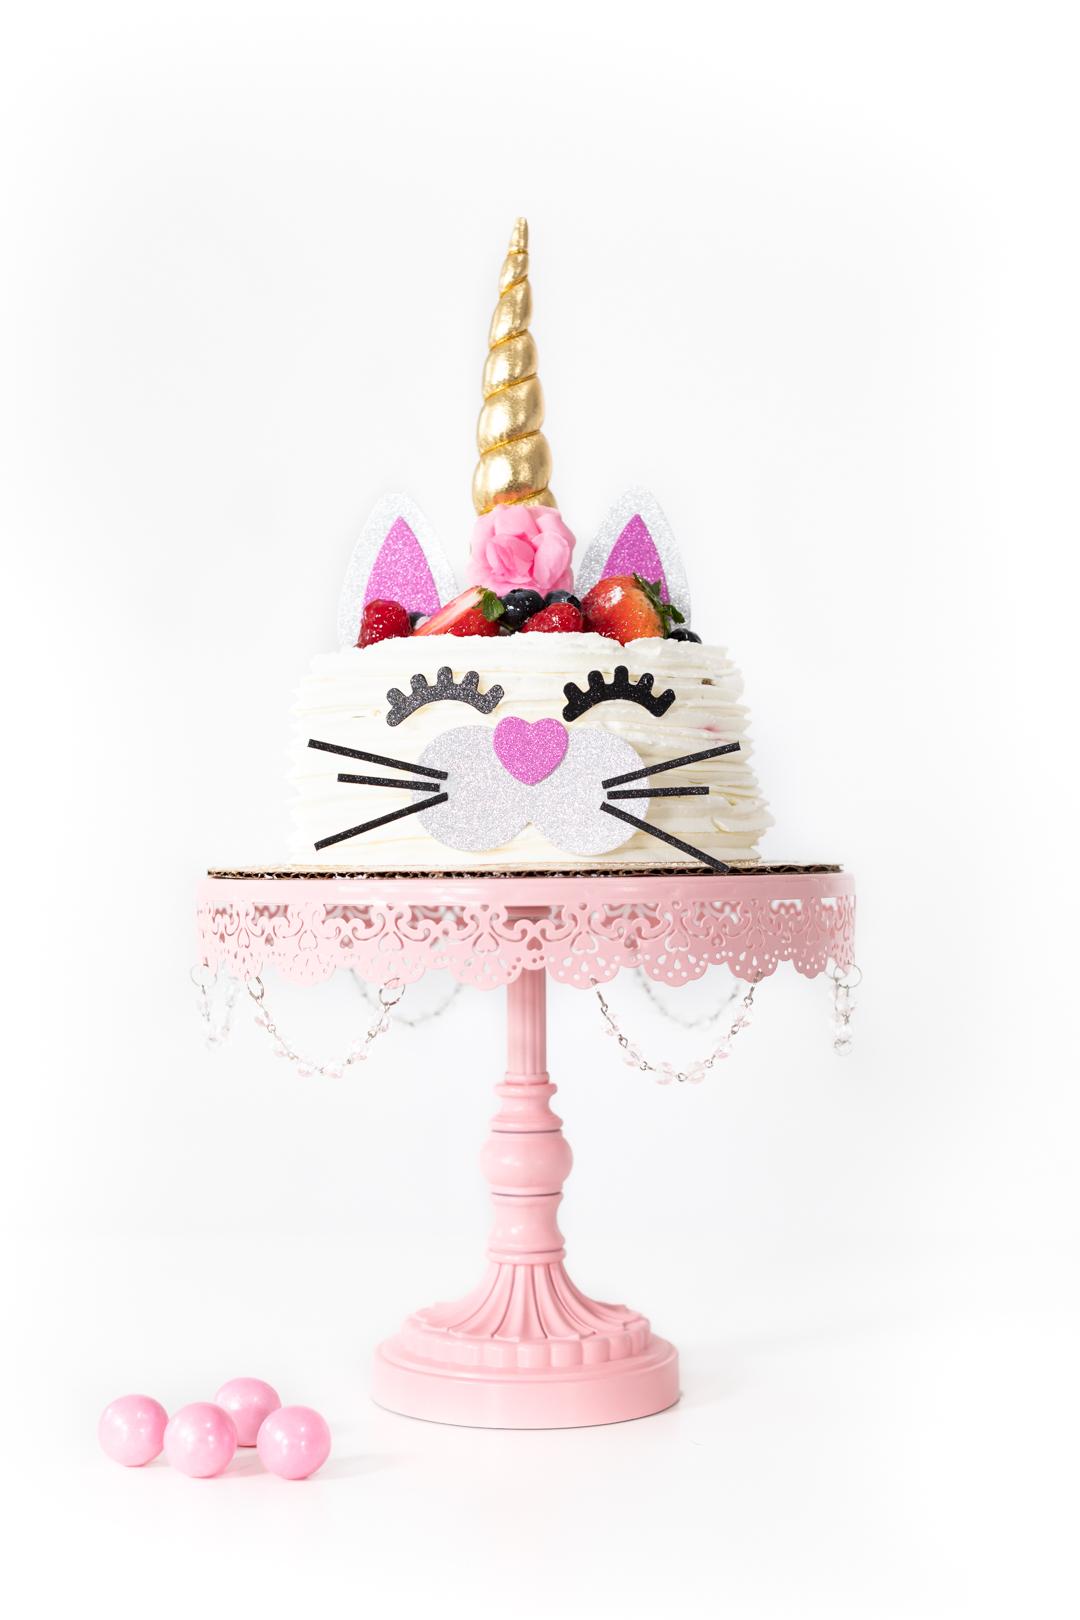 caticorn cake mixing both cat and unicorn cake decor